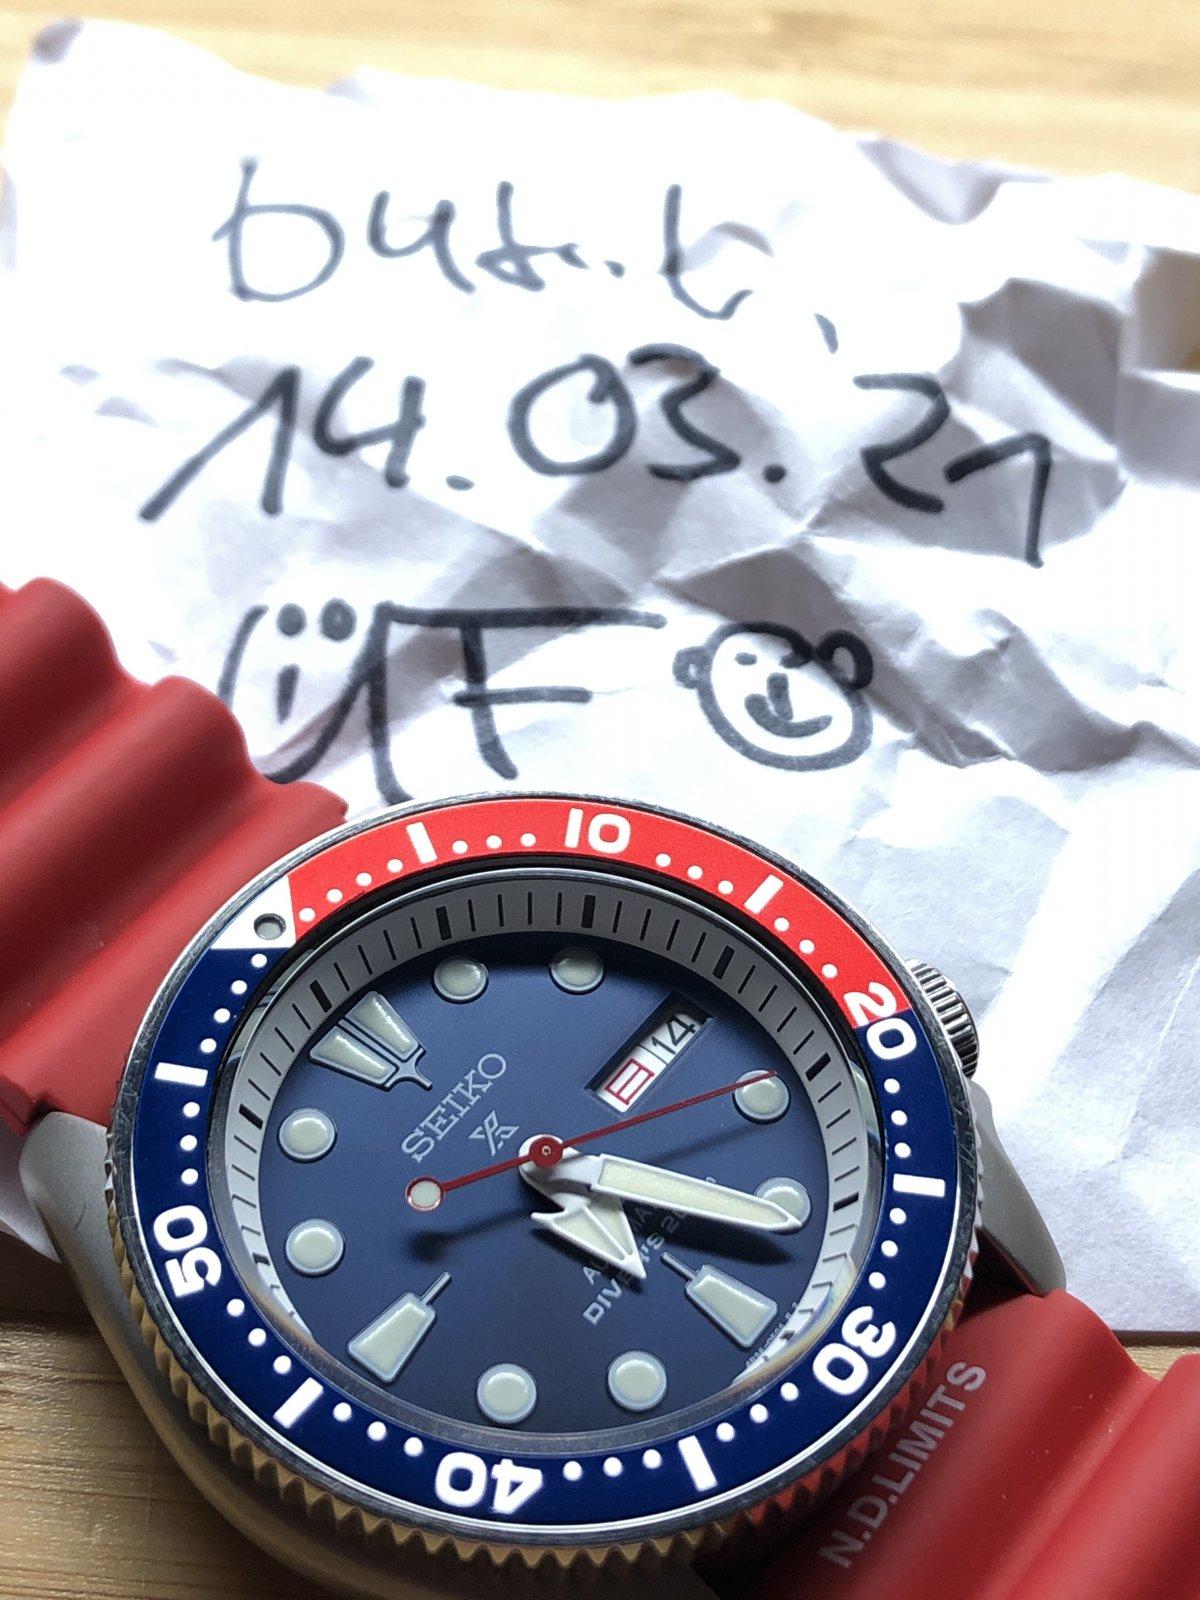 56F03C14-C0F7-4330-9A7D-2AED8C15E4D1.jpeg